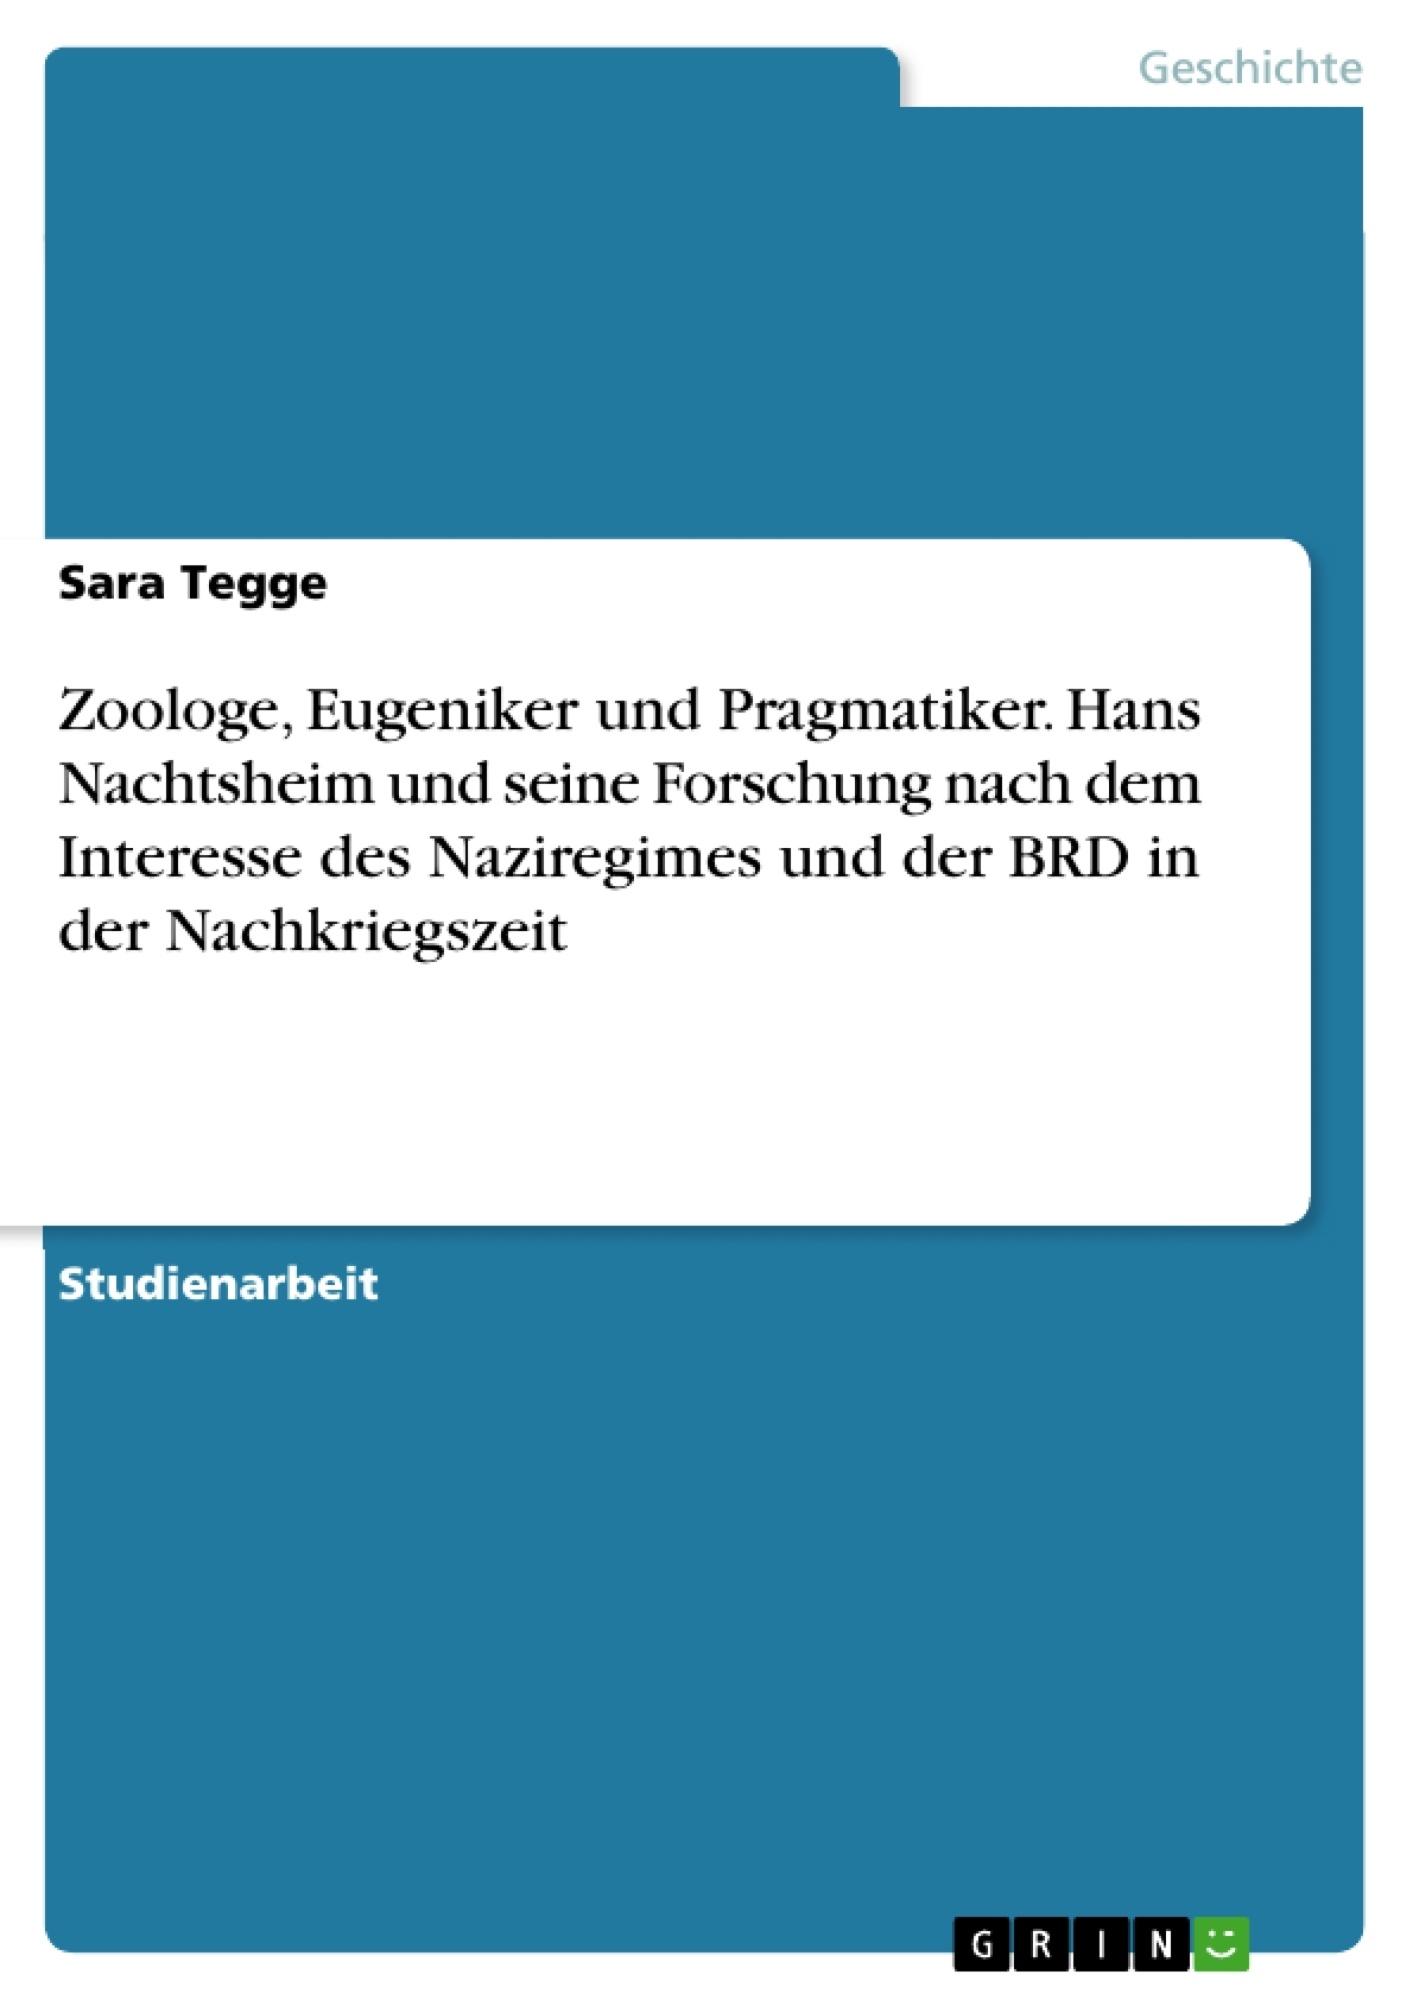 Titel: Zoologe, Eugeniker und Pragmatiker. Hans Nachtsheim und seine Forschung nach dem Interesse des Naziregimes und der BRD in der Nachkriegszeit